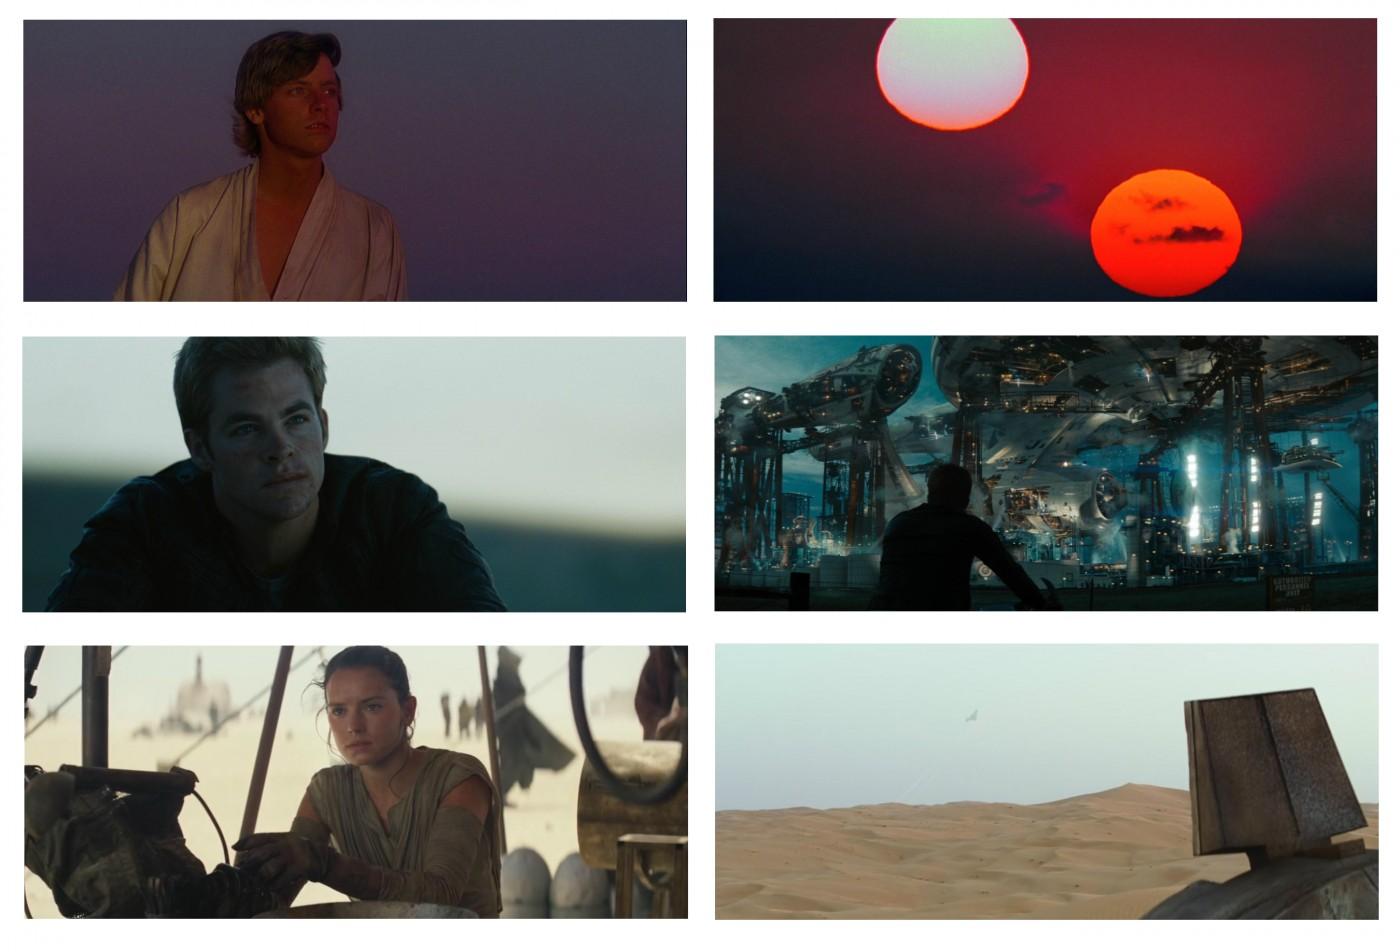 Luke, Kirk, Rey e a jornada do herói